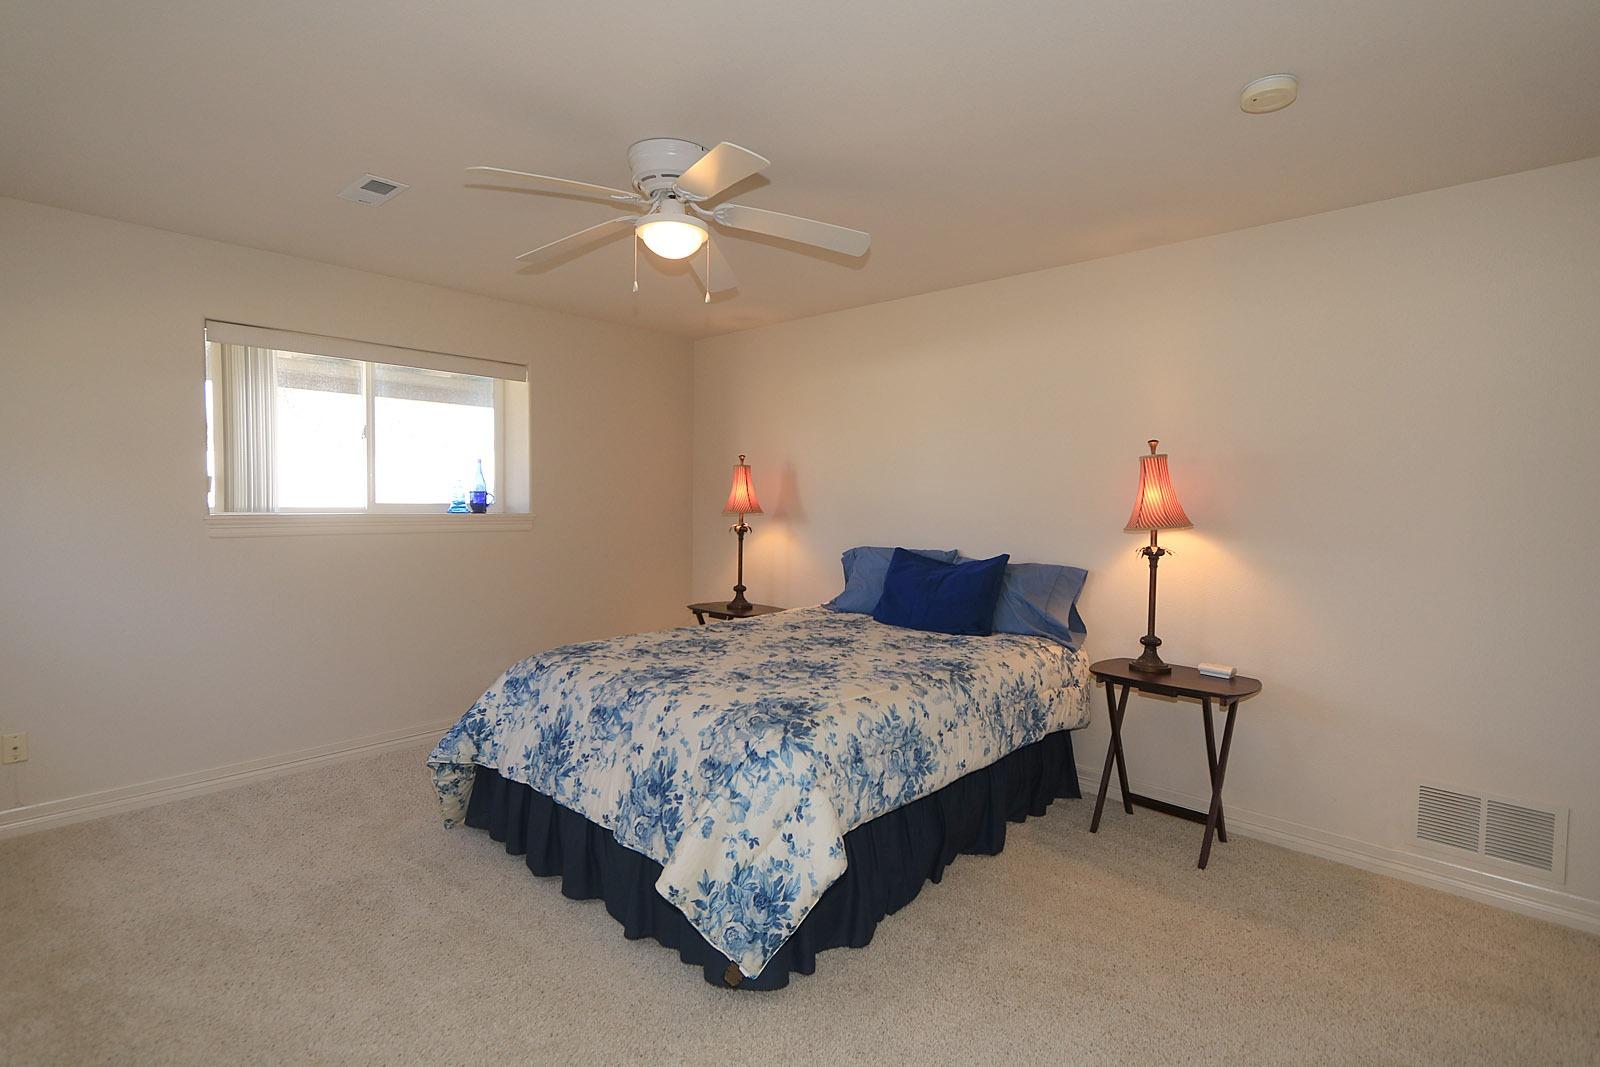 #4 Bedroom 15' X 12'